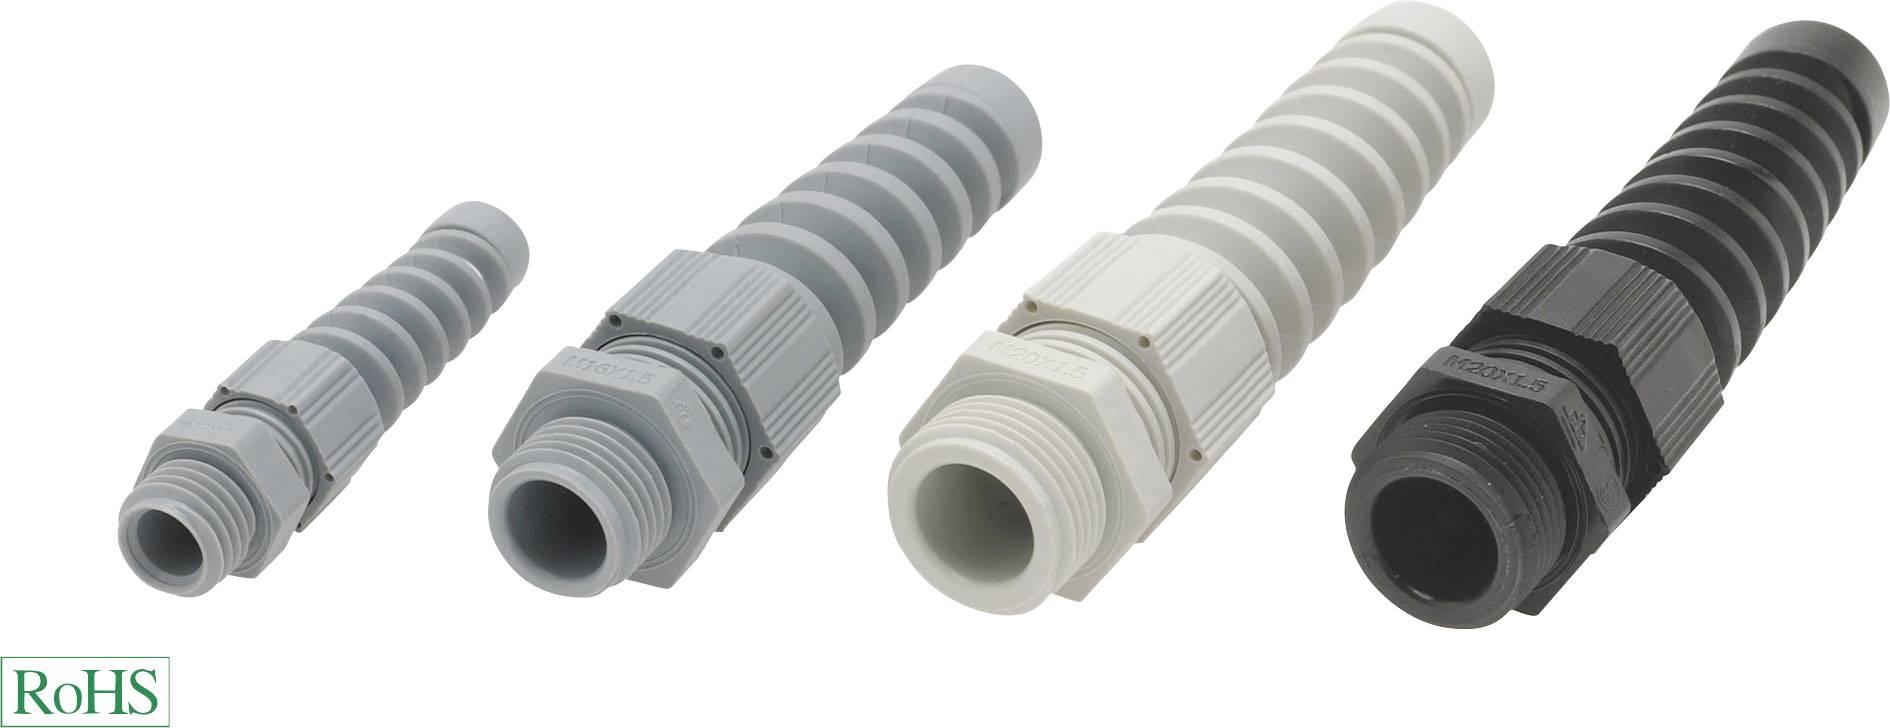 Kabelová průchodka Helukabel HT-K 93852, polyamid, délka závitu 8 mm, stříbrnošedá (RAL 7001), 1 ks